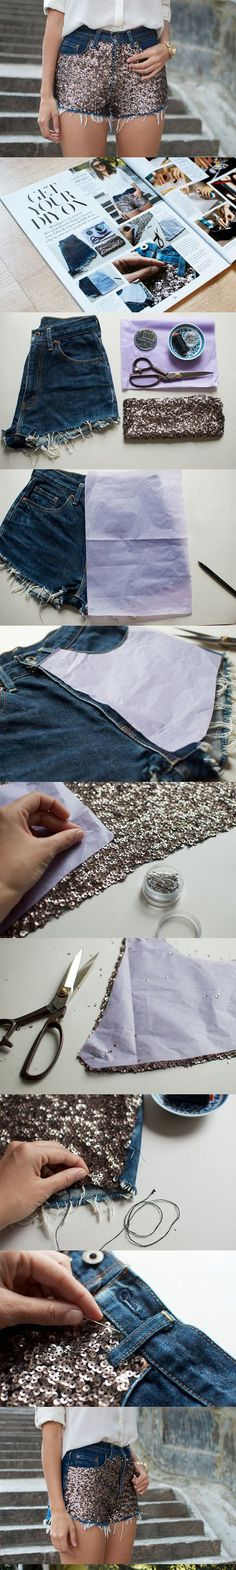 DIY Sequin Embellished Denim Shorts